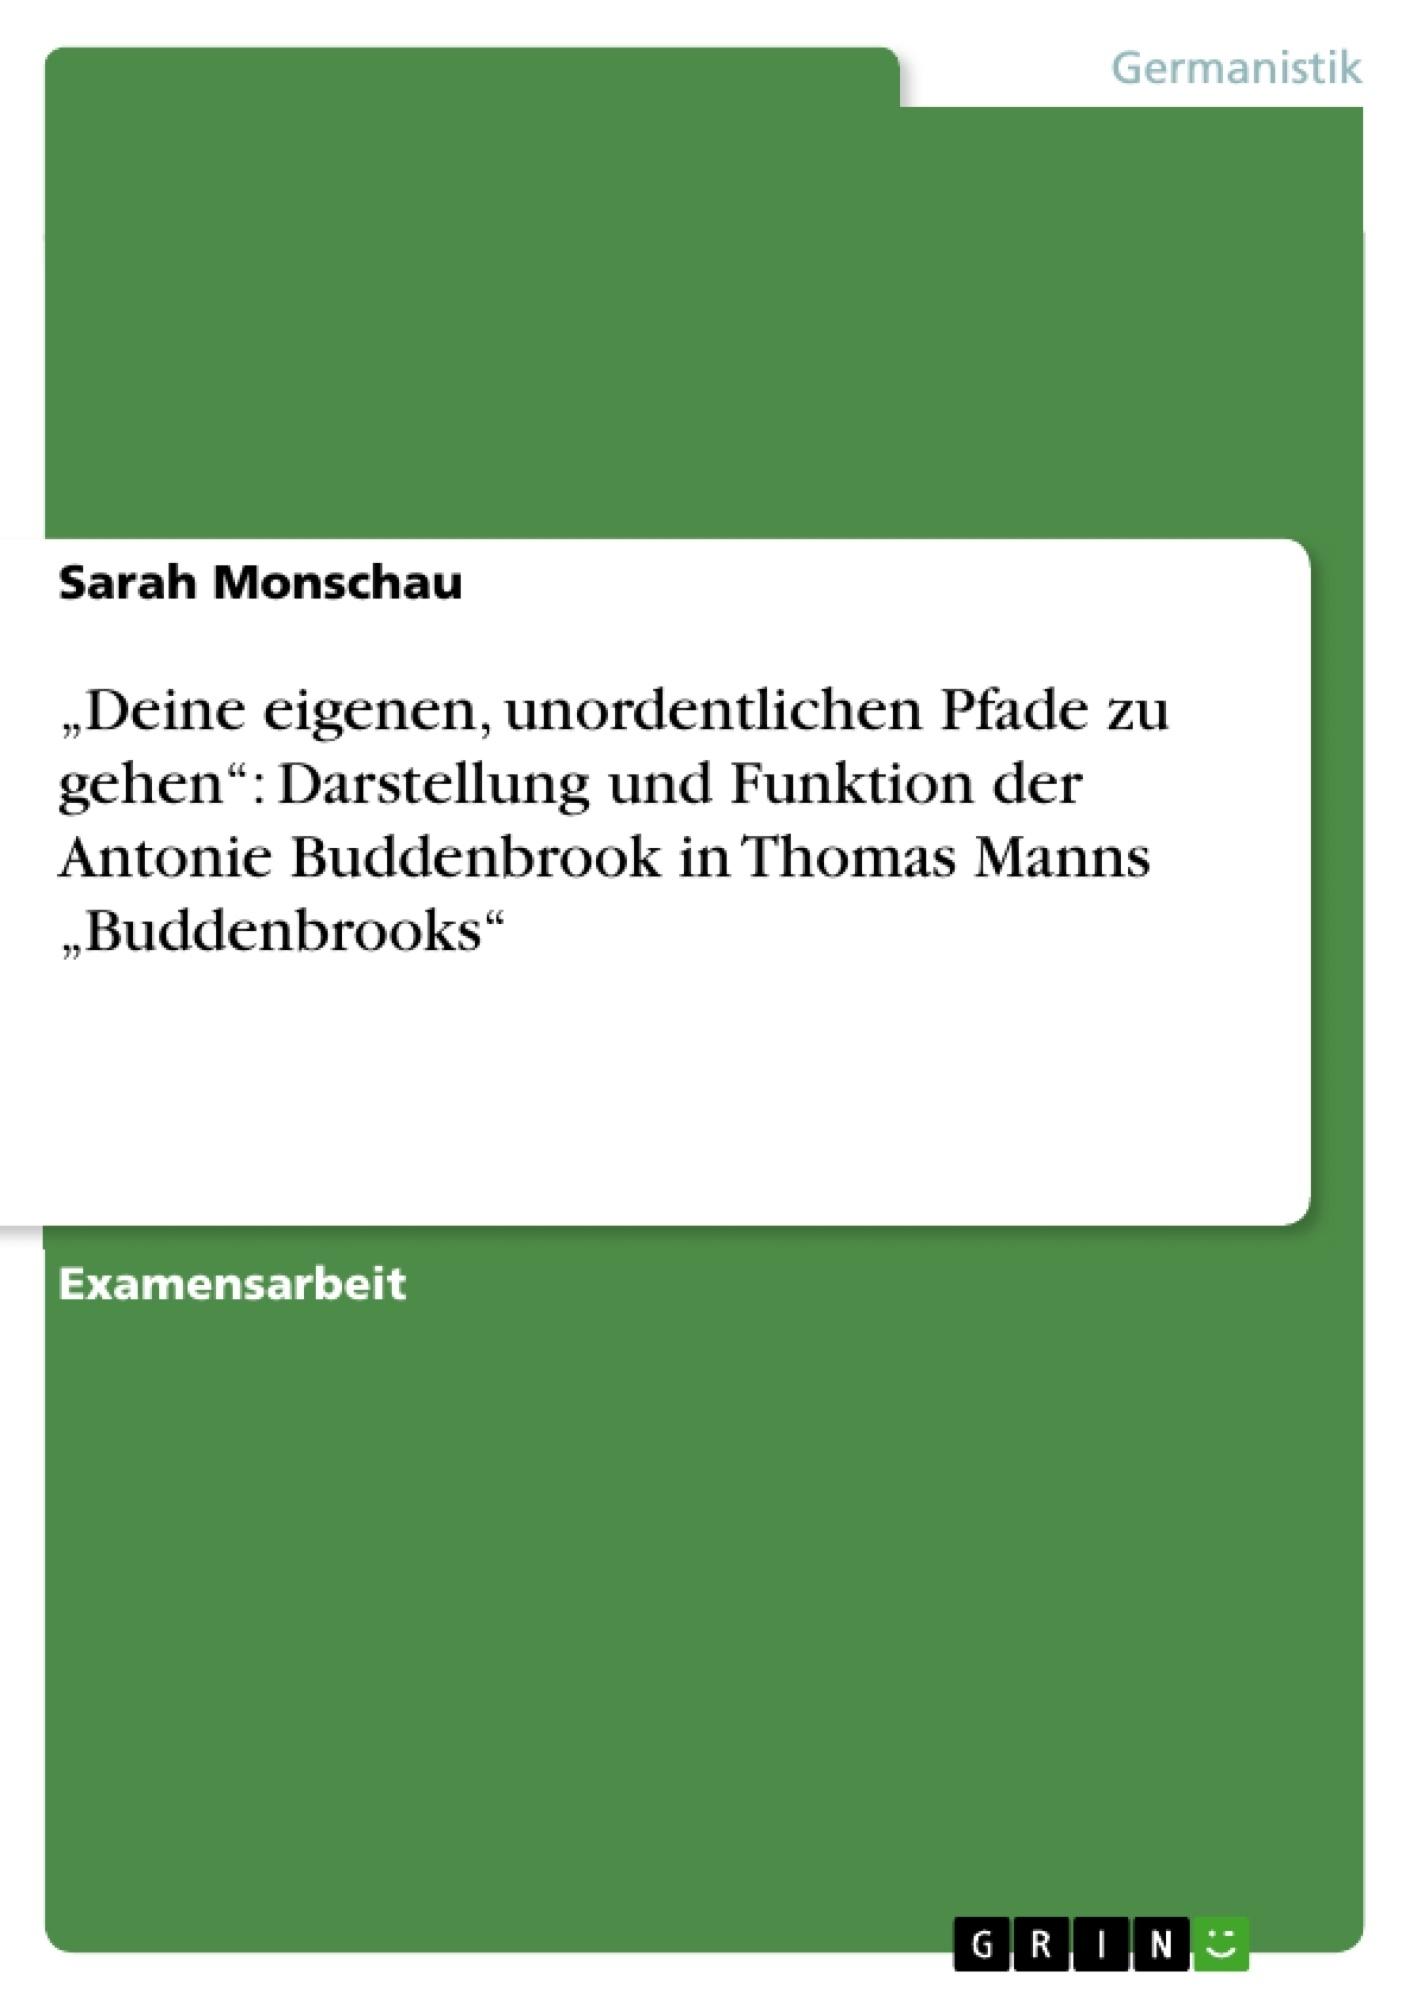 """Titel: """"Deine eigenen, unordentlichen Pfade zu gehen"""":  Darstellung und Funktion der Antonie Buddenbrook  in Thomas Manns """"Buddenbrooks"""""""